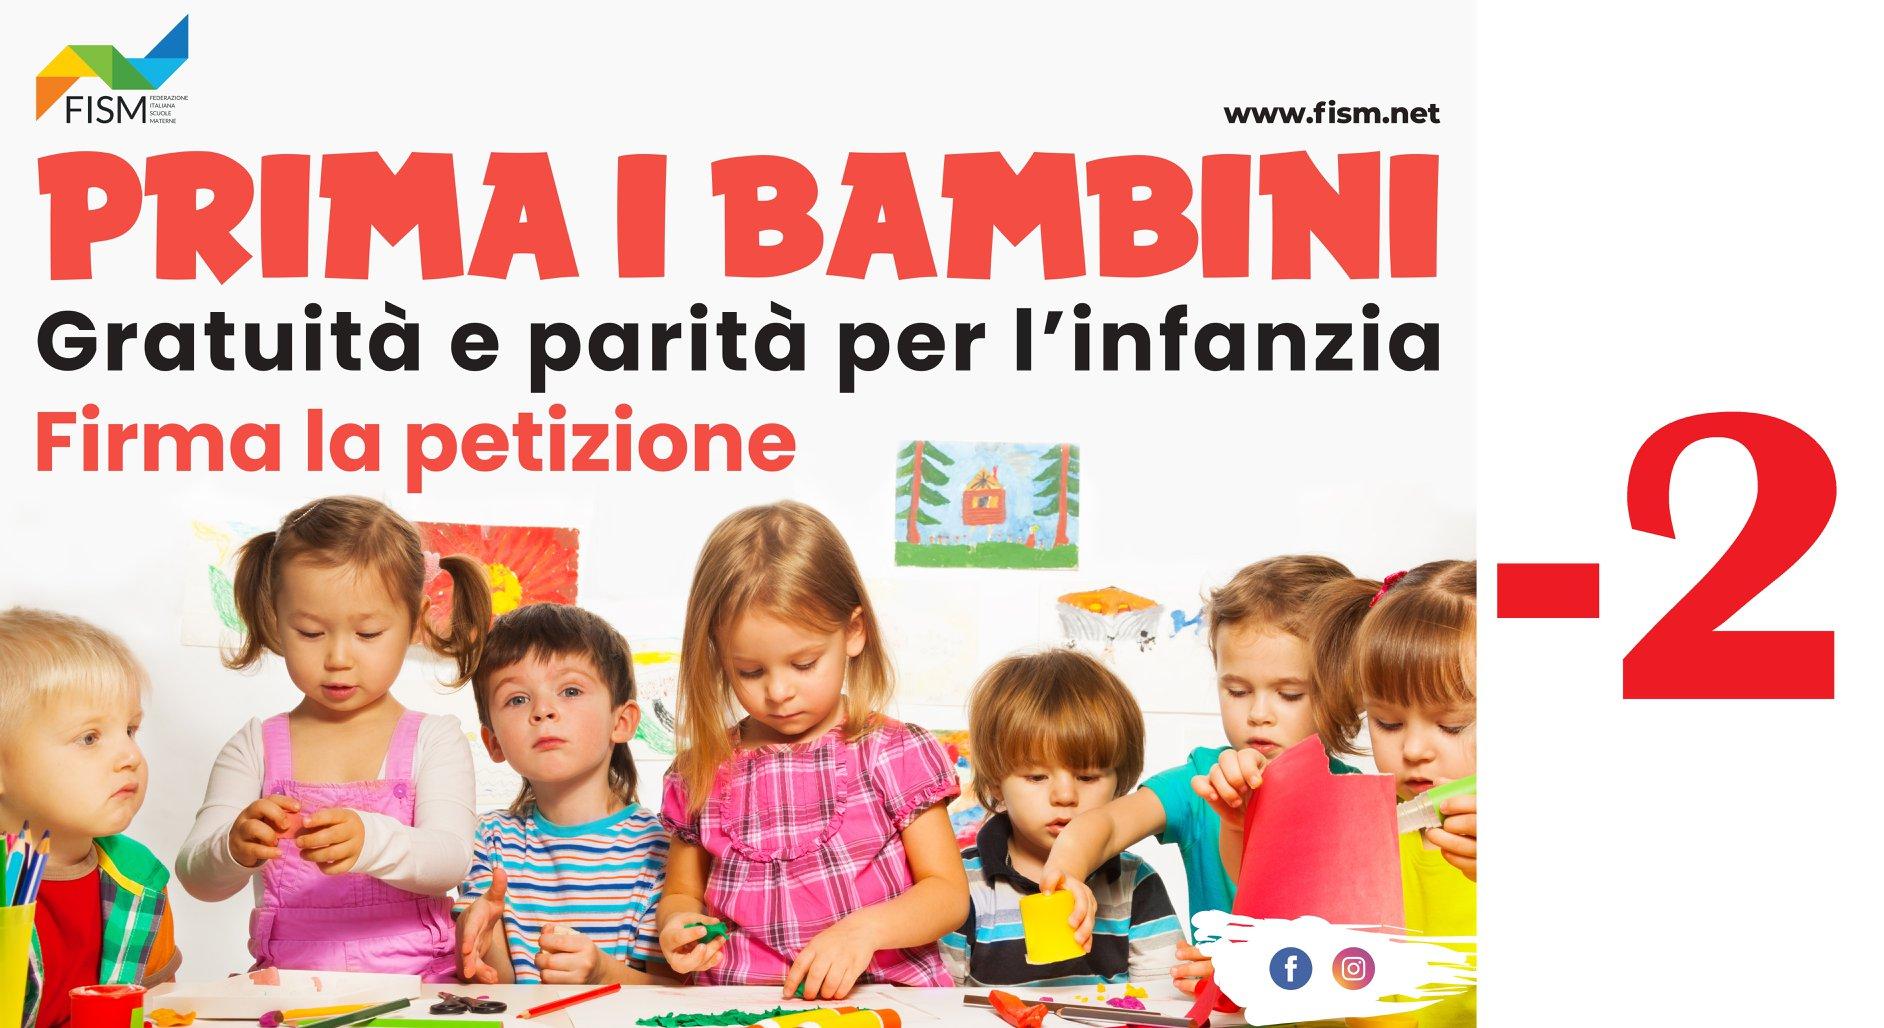 Il 19 aprile parte la mobilitazione dei nidi e delle materne paritarie  no profit: obiettivo per tutti gratuità e parità scolastica.